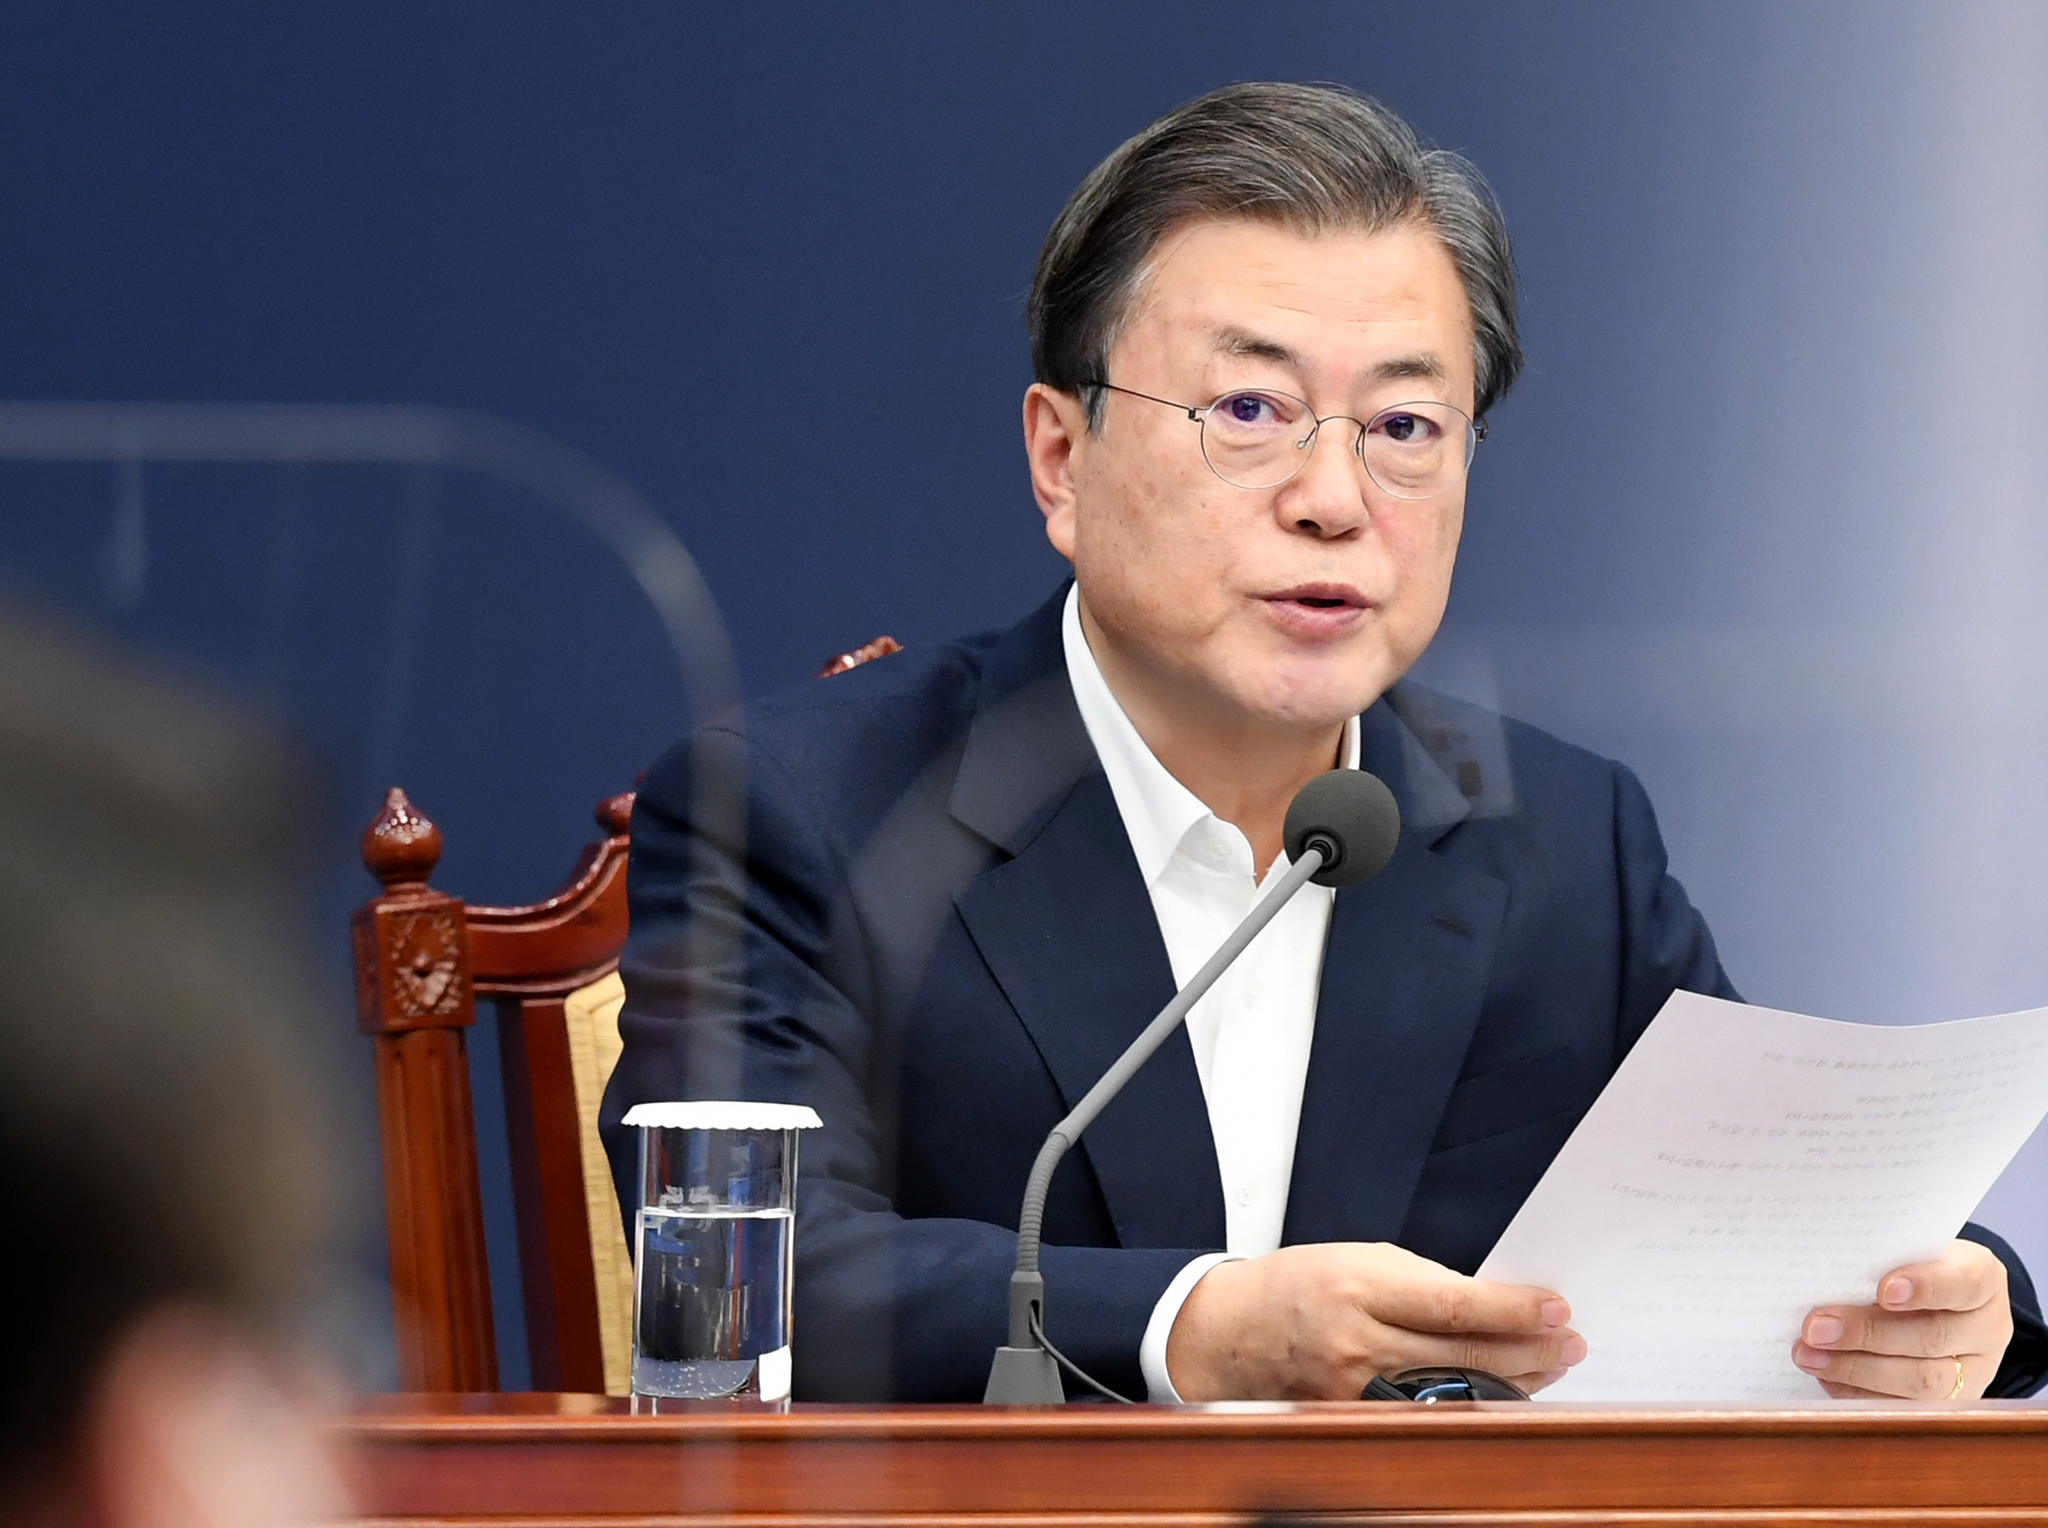 문재인 대통령이 30일 오후 청와대 여민관에서 열린 수석·보좌관 회의에서 모두발언을 하고 있다. 청와대사진기자단